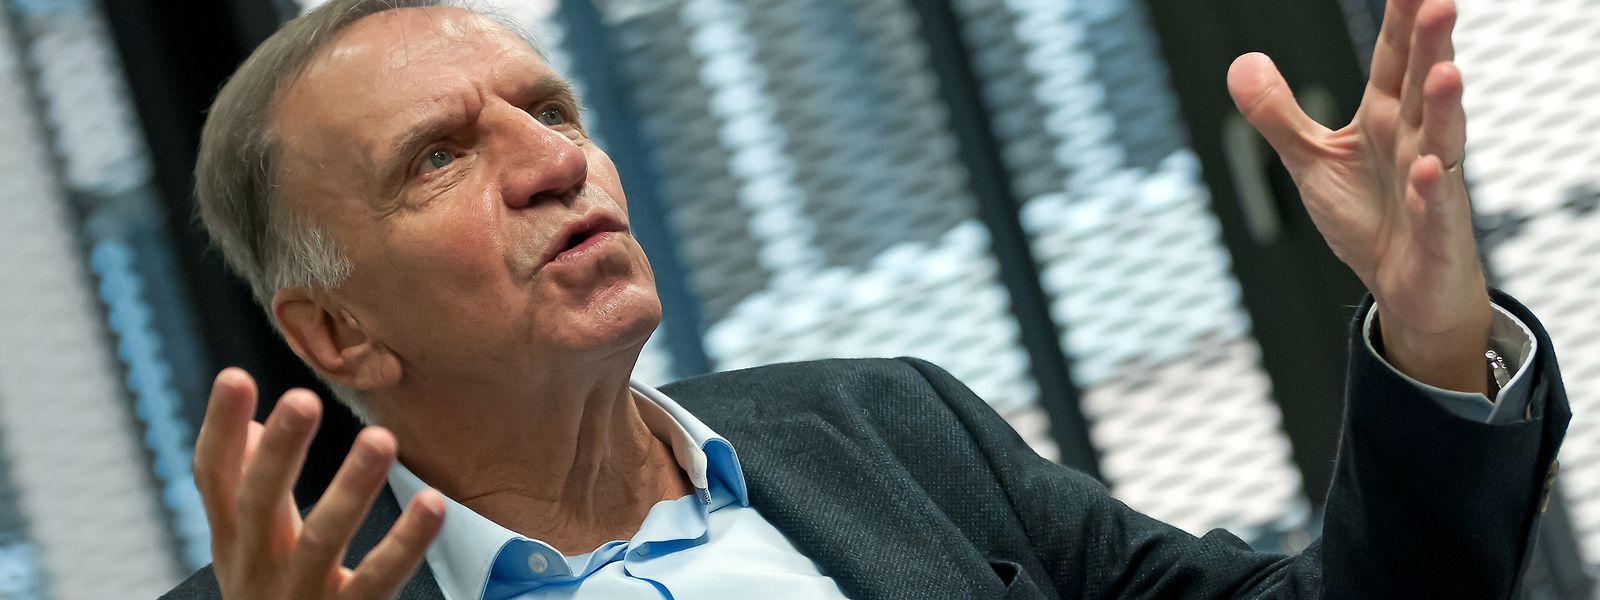 """Marc Solvi ist Präsident von """"Da Vinci"""" und selbst Ingenieur - seine Berufswahl hat er nie bereut."""